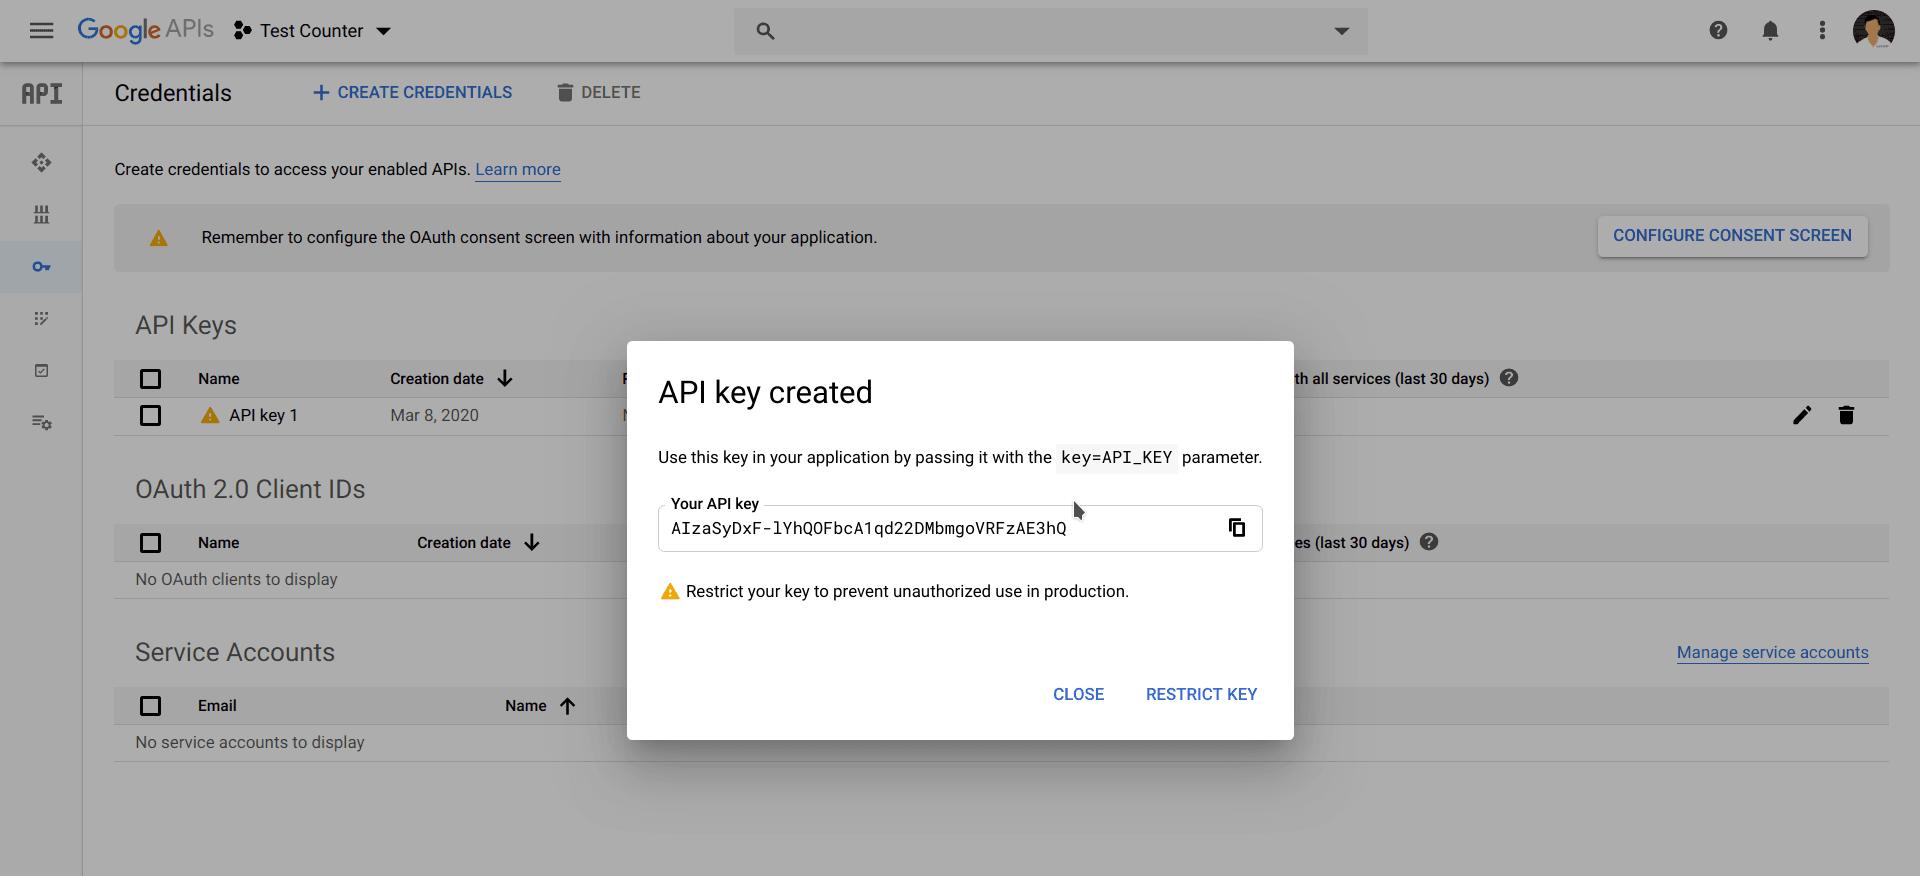 Google Developer Console API Dialog